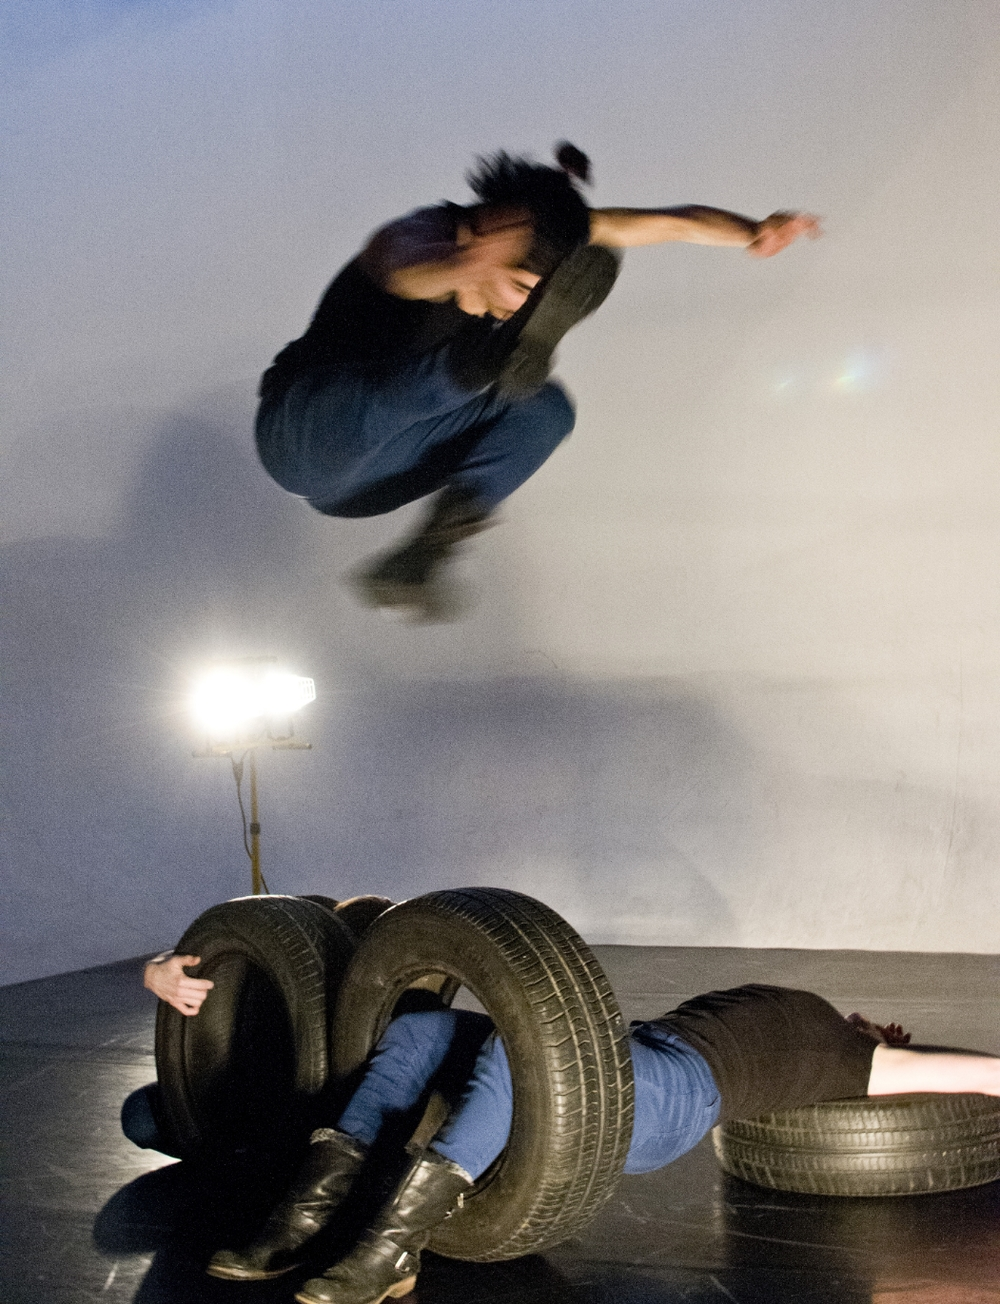 Performers : Mateo Galindo Torres, Rachel Cowal, Lisa Emmons Photo credit :Ömer K. Yükseker